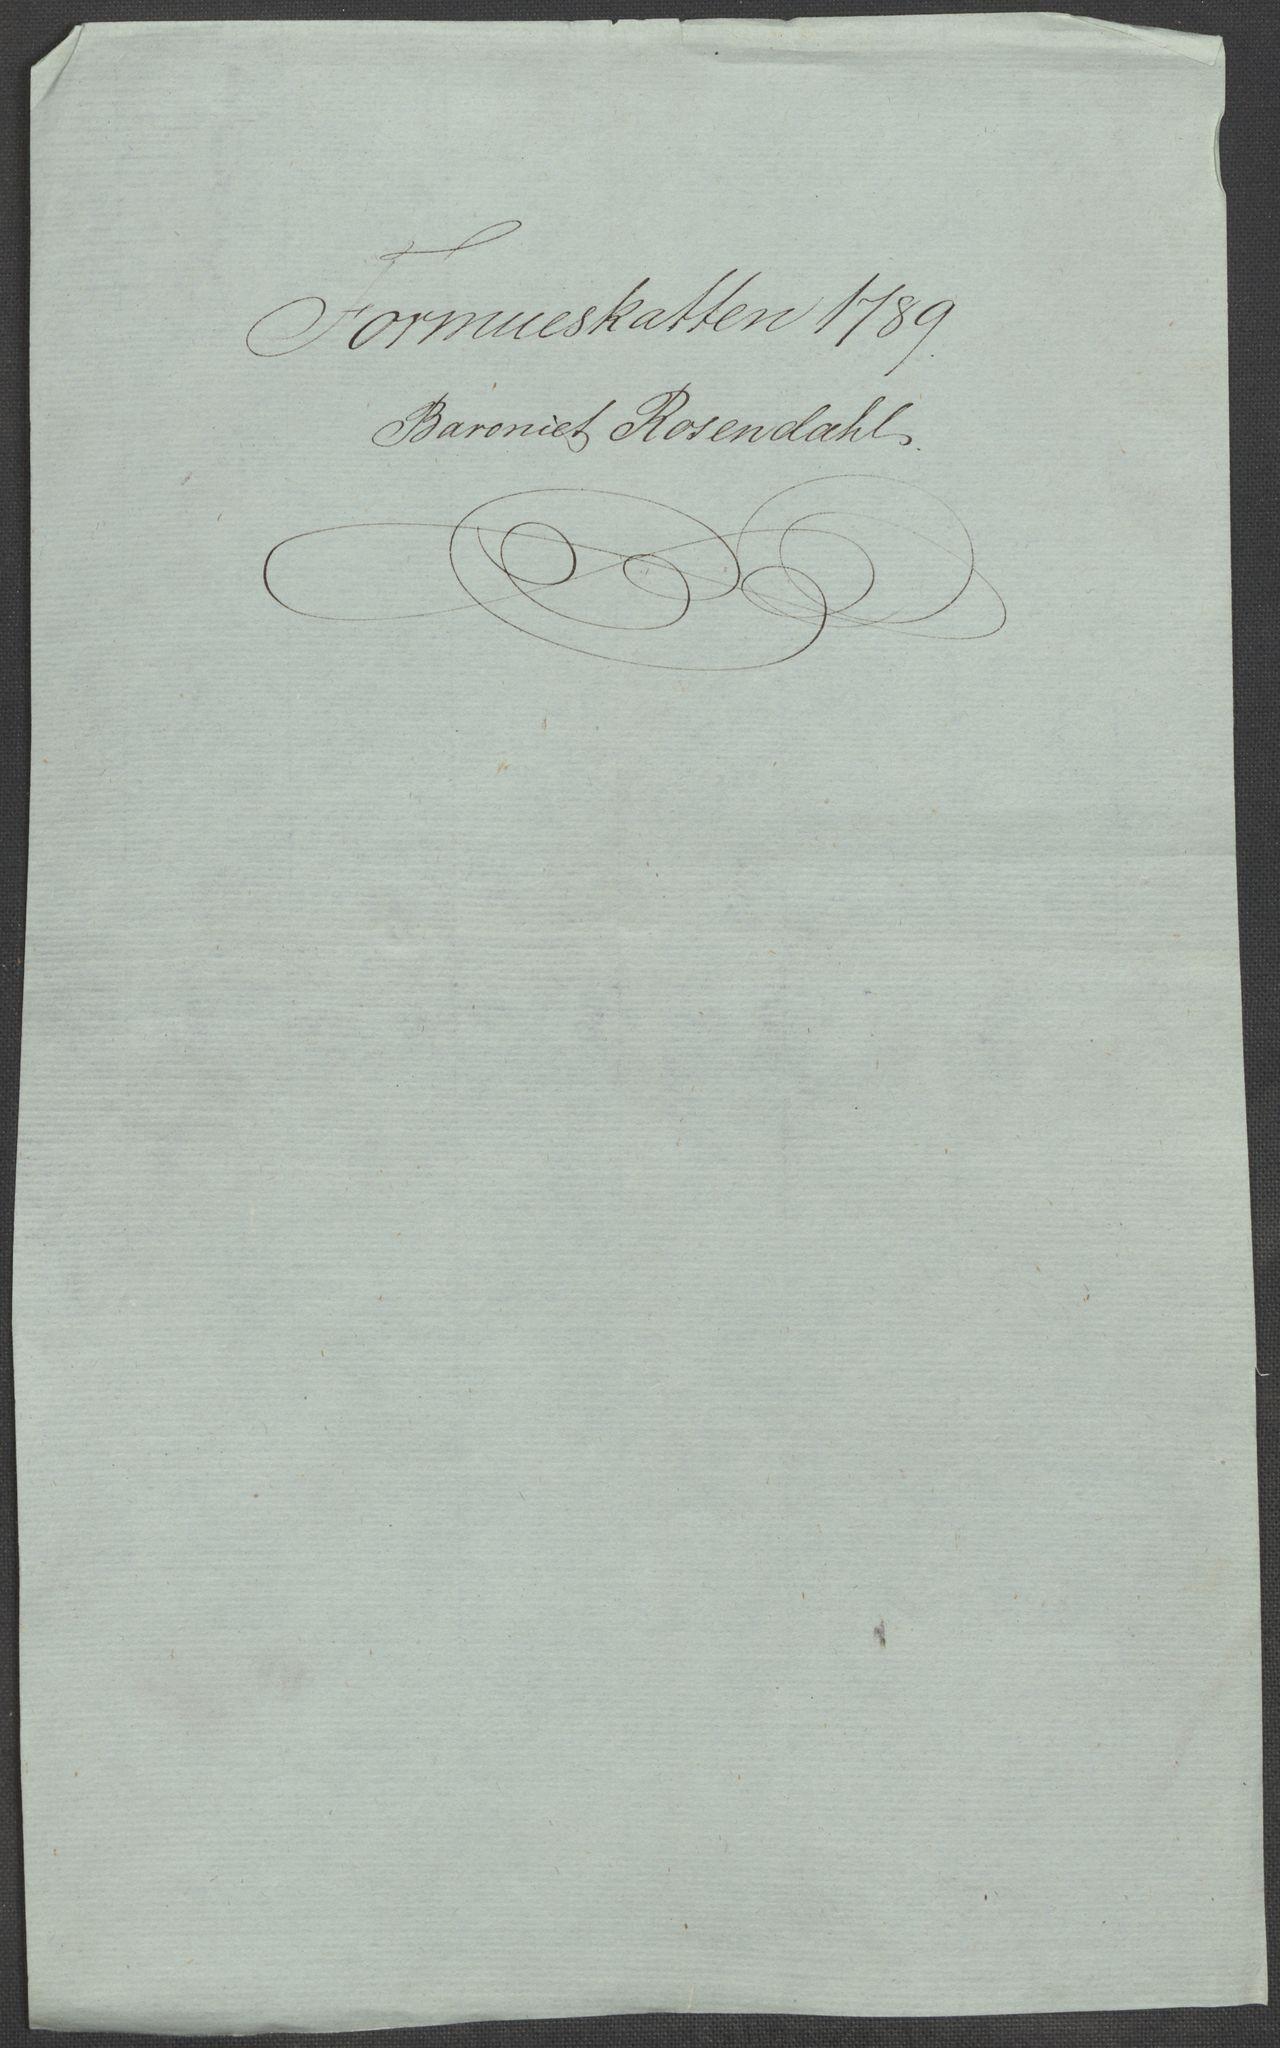 RA, Rentekammeret inntil 1814, Reviderte regnskaper, Mindre regnskaper, Rf/Rfe/L0039: Rosendal baroni, Ryfylke fogderi, 1789, s. 4